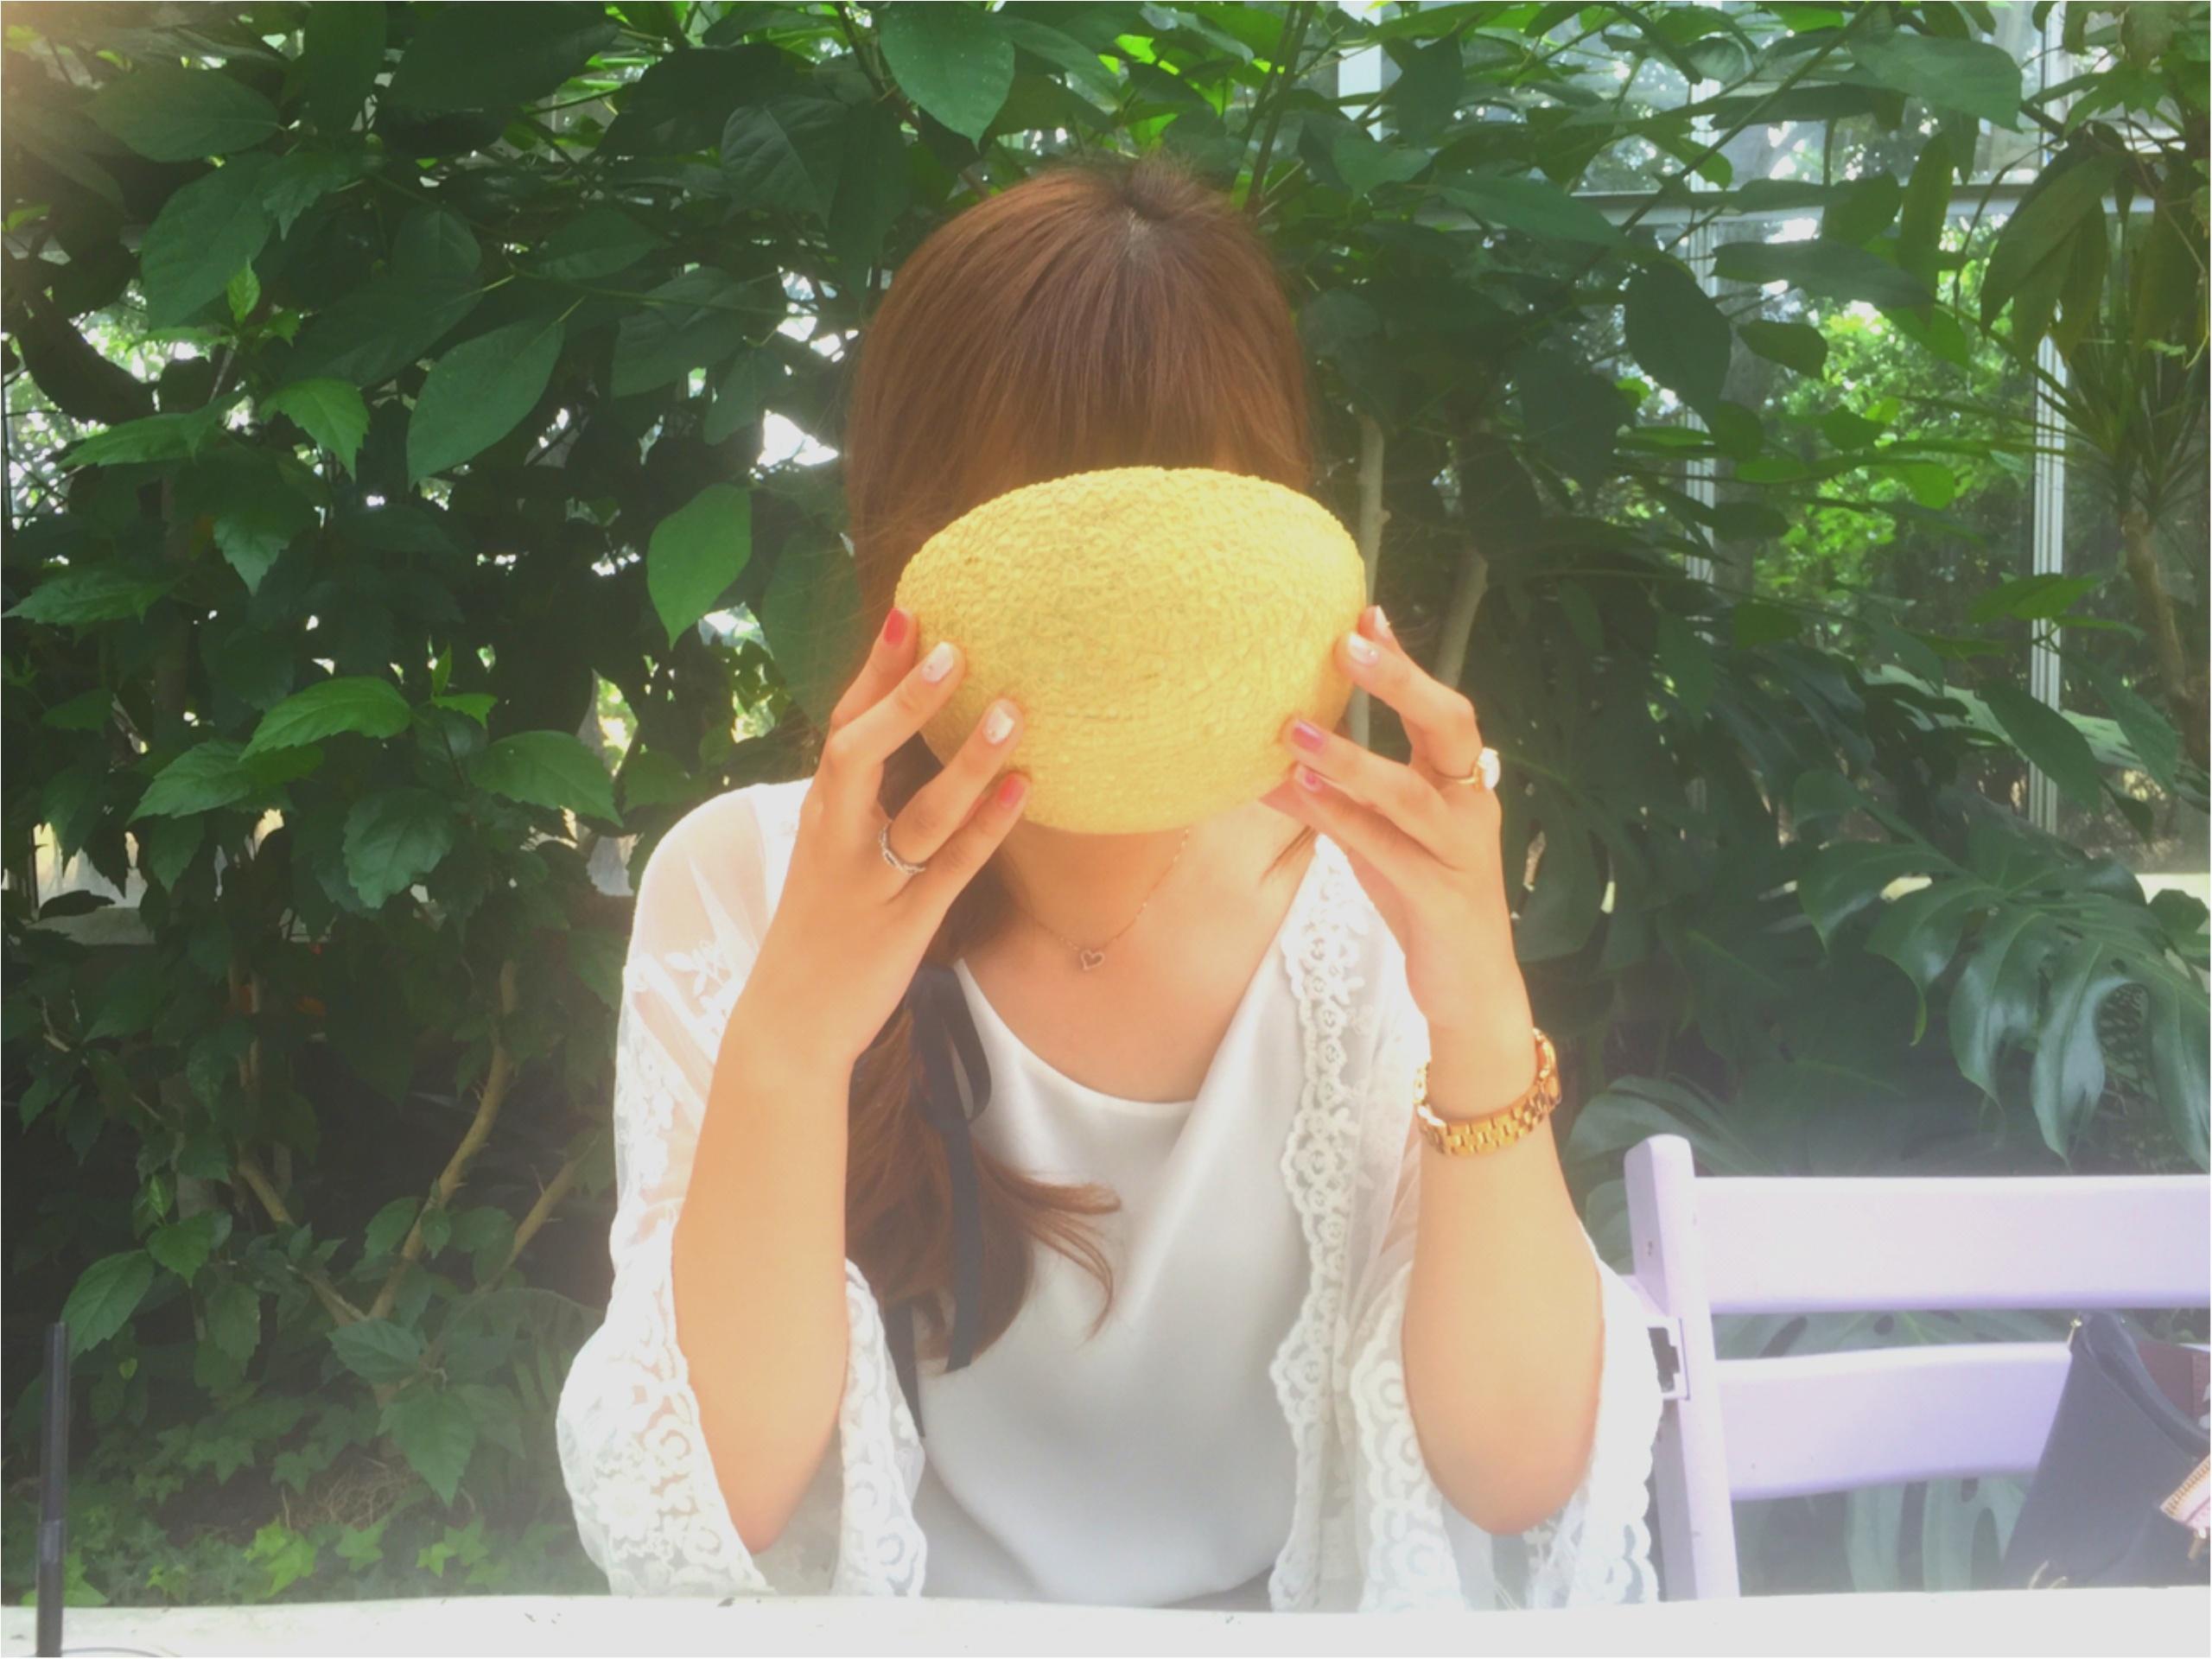 メロン好きは必見♡【名倉メロン農場】のメロンづくしのカフェに行ってきました♡_5